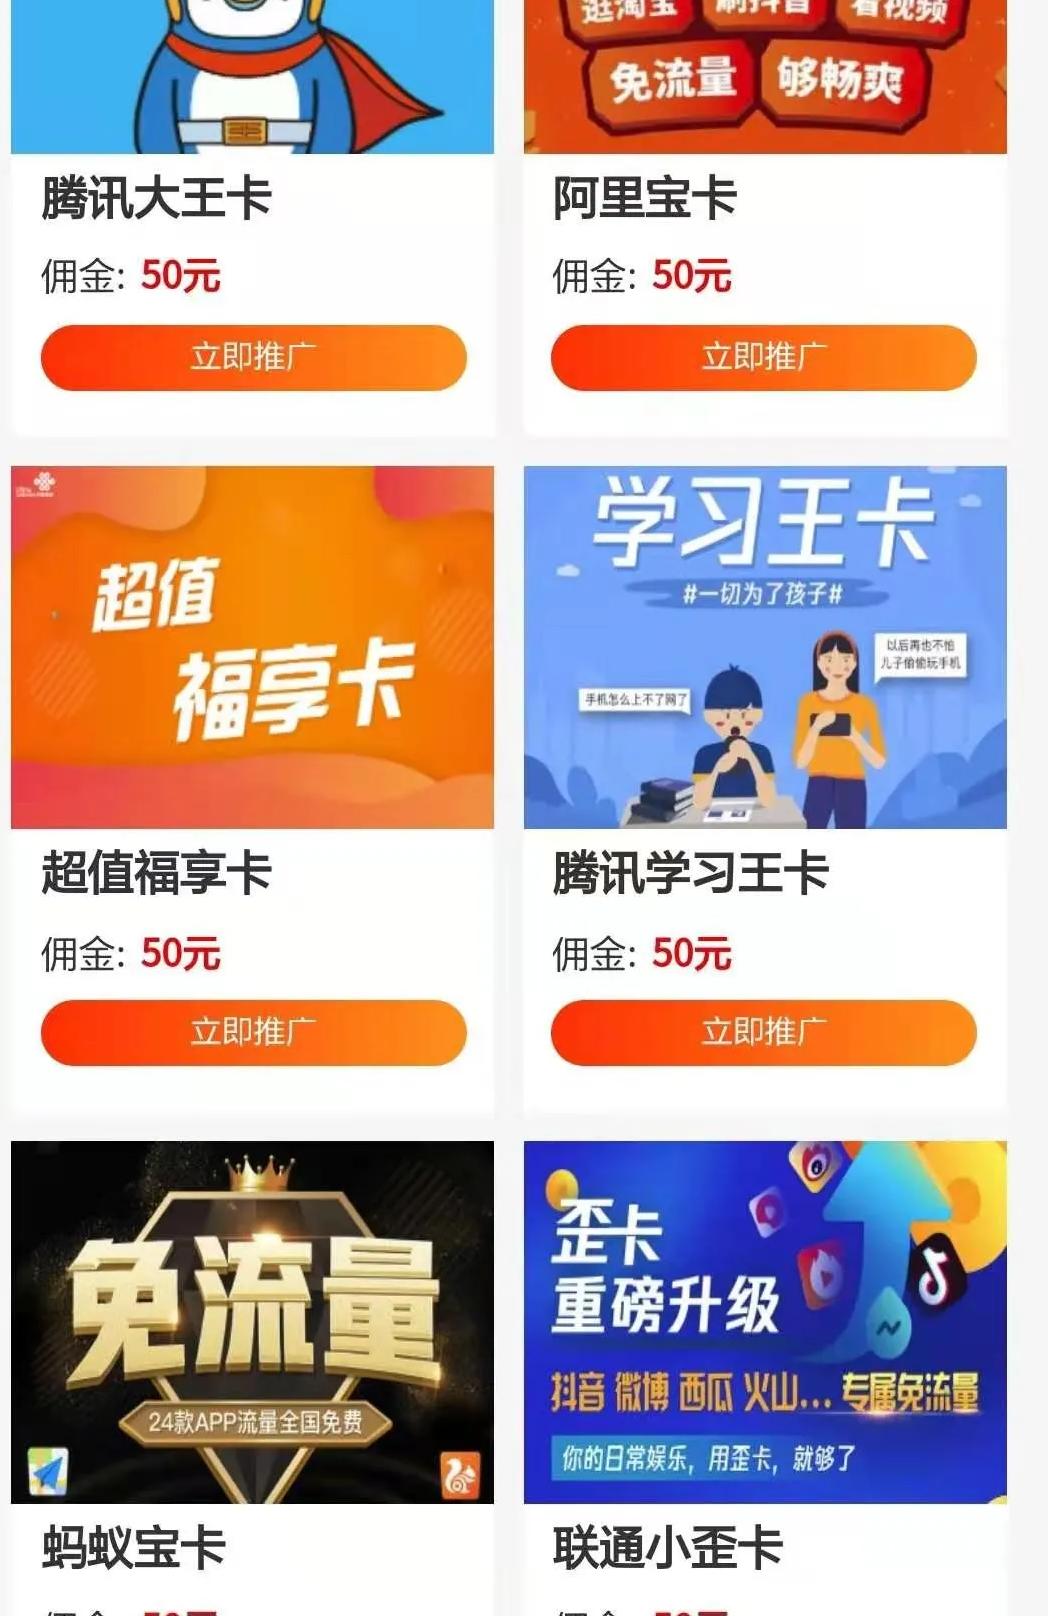 推广电话卡赚佣金的平台(2个号卡分销平台)